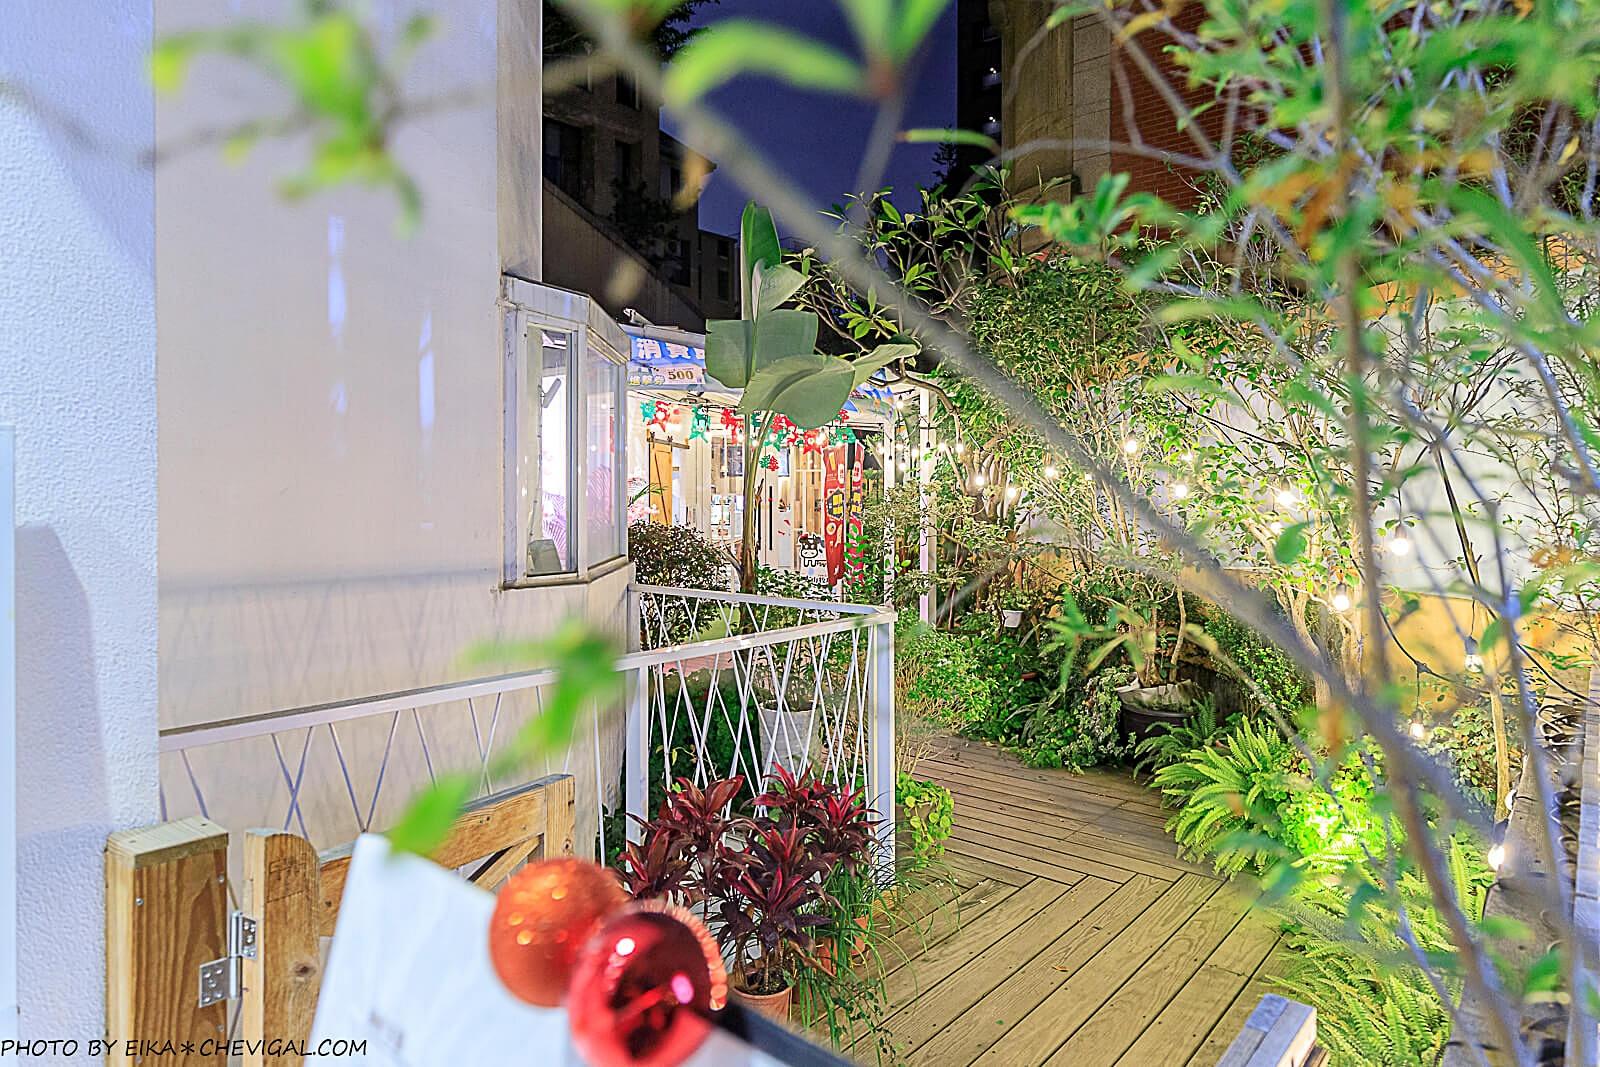 20201227230845 47 - 熱血採訪│台中秘境咖啡廳,綠意庭園搭配美麗燈泡好浪漫,還有麵食、披薩與炸物可以享用!